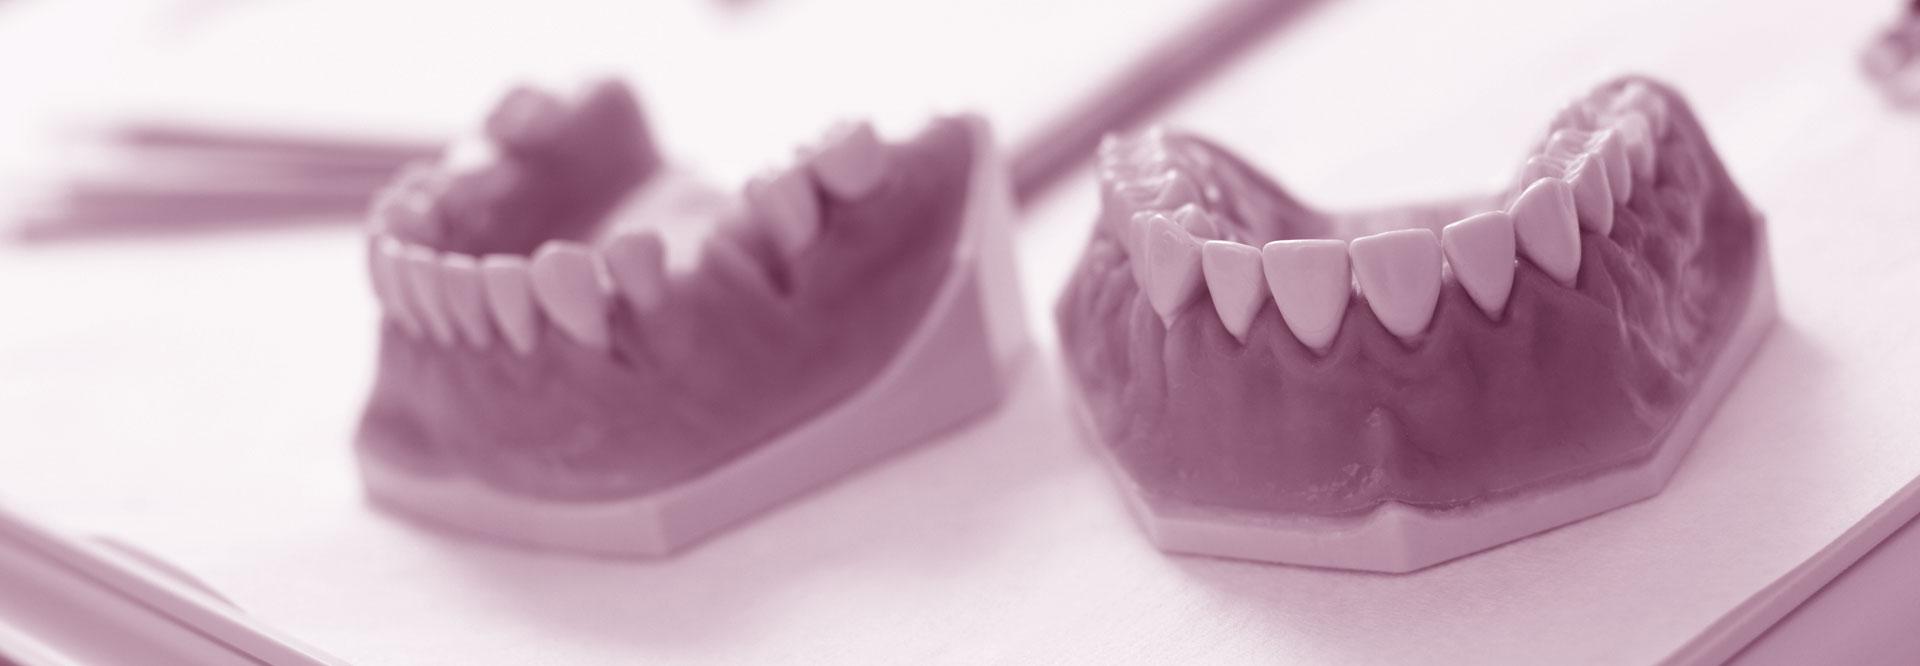 dentures-banner-1